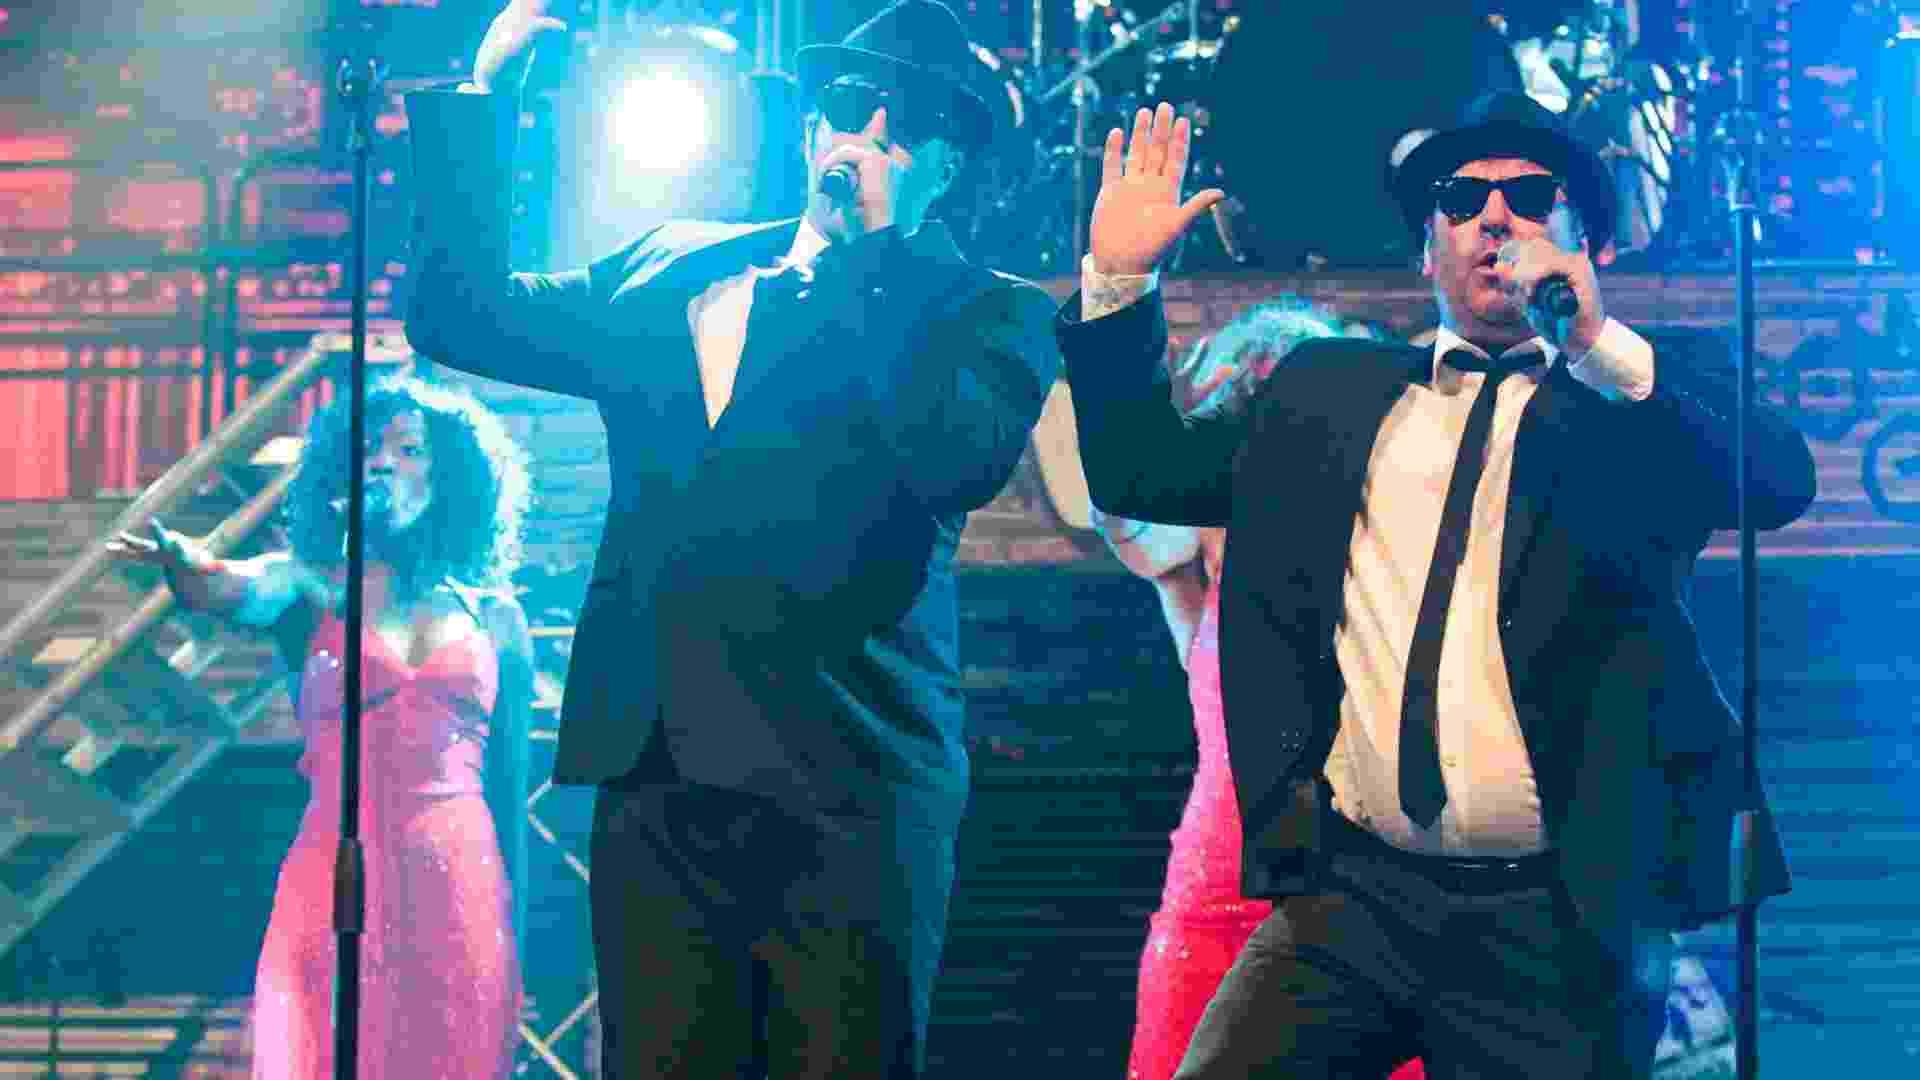 """O espetáculo """"The 'Official' Tribute To The Blues Brothers - The Smash Hit"""" terá duas apresentações em São Paulo: uma nesta quarta-feira (23) e a outra no sábado (26)  - Fernando Donasci/UOL"""